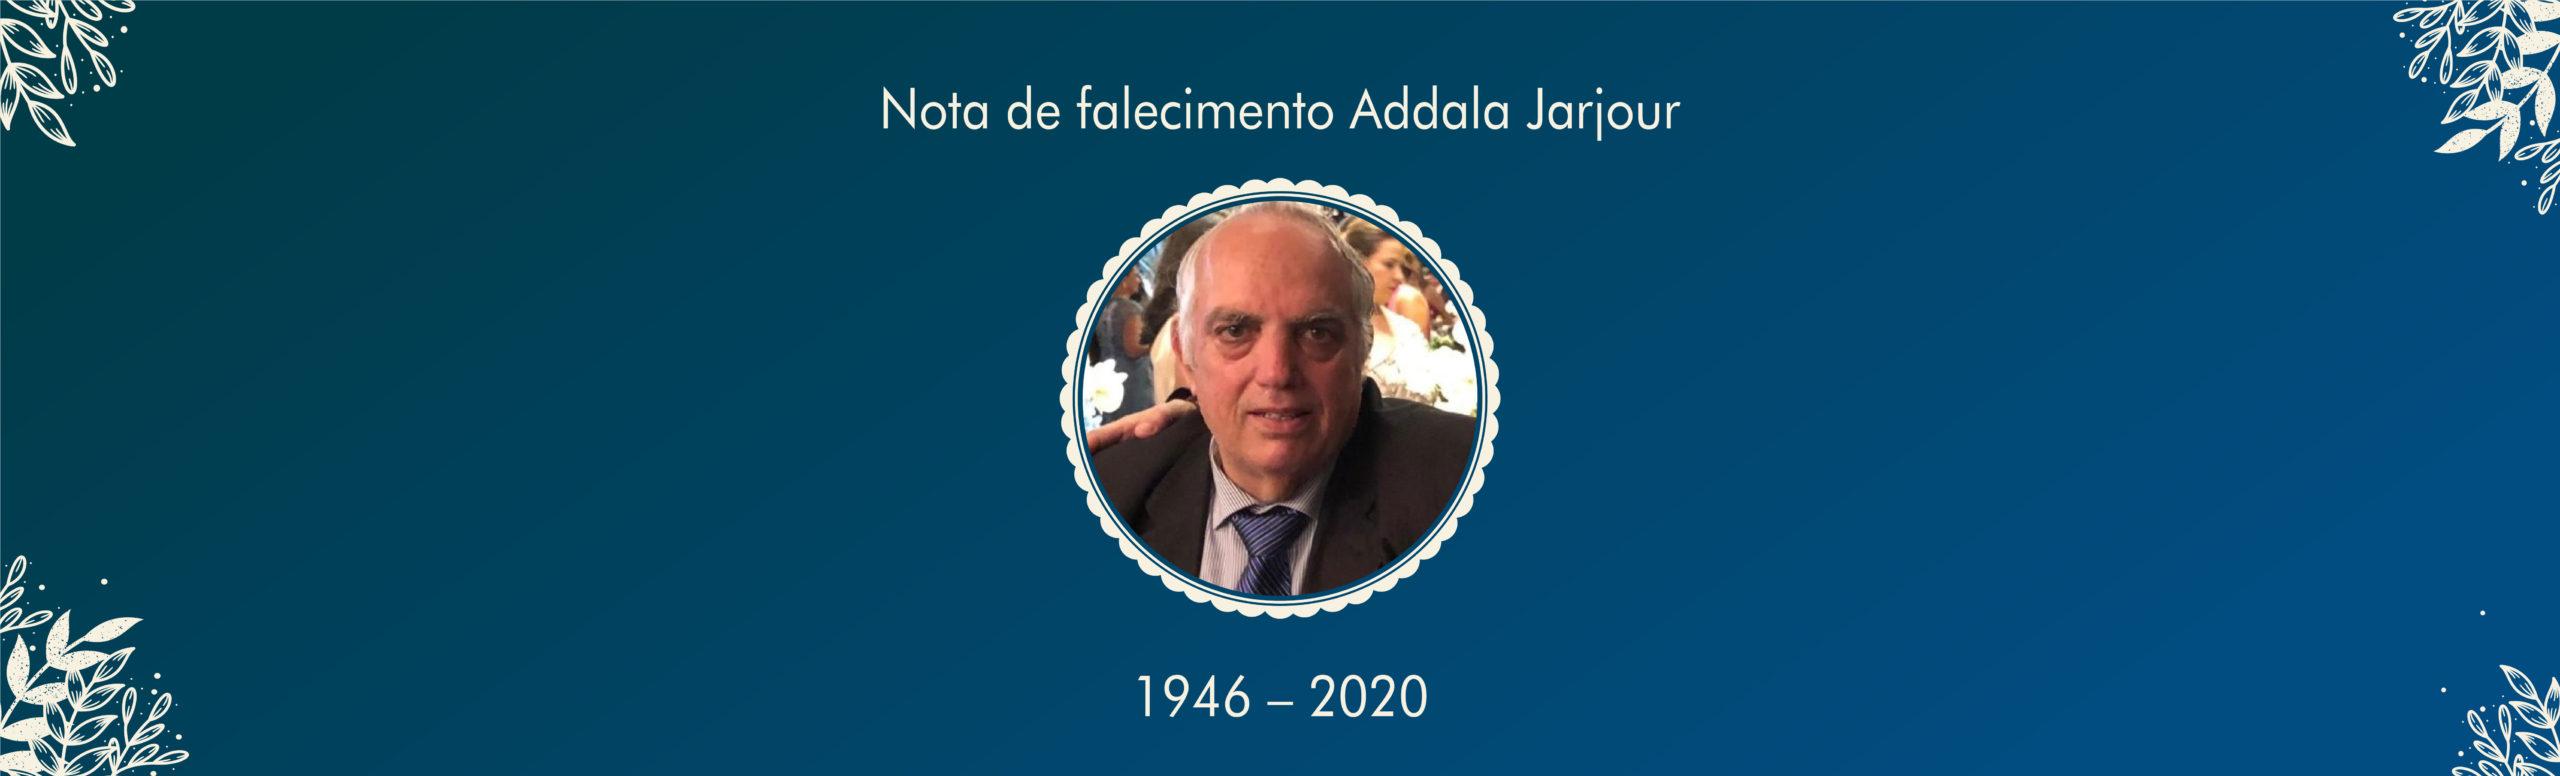 Nota de Falecimento Abdala Jarjour